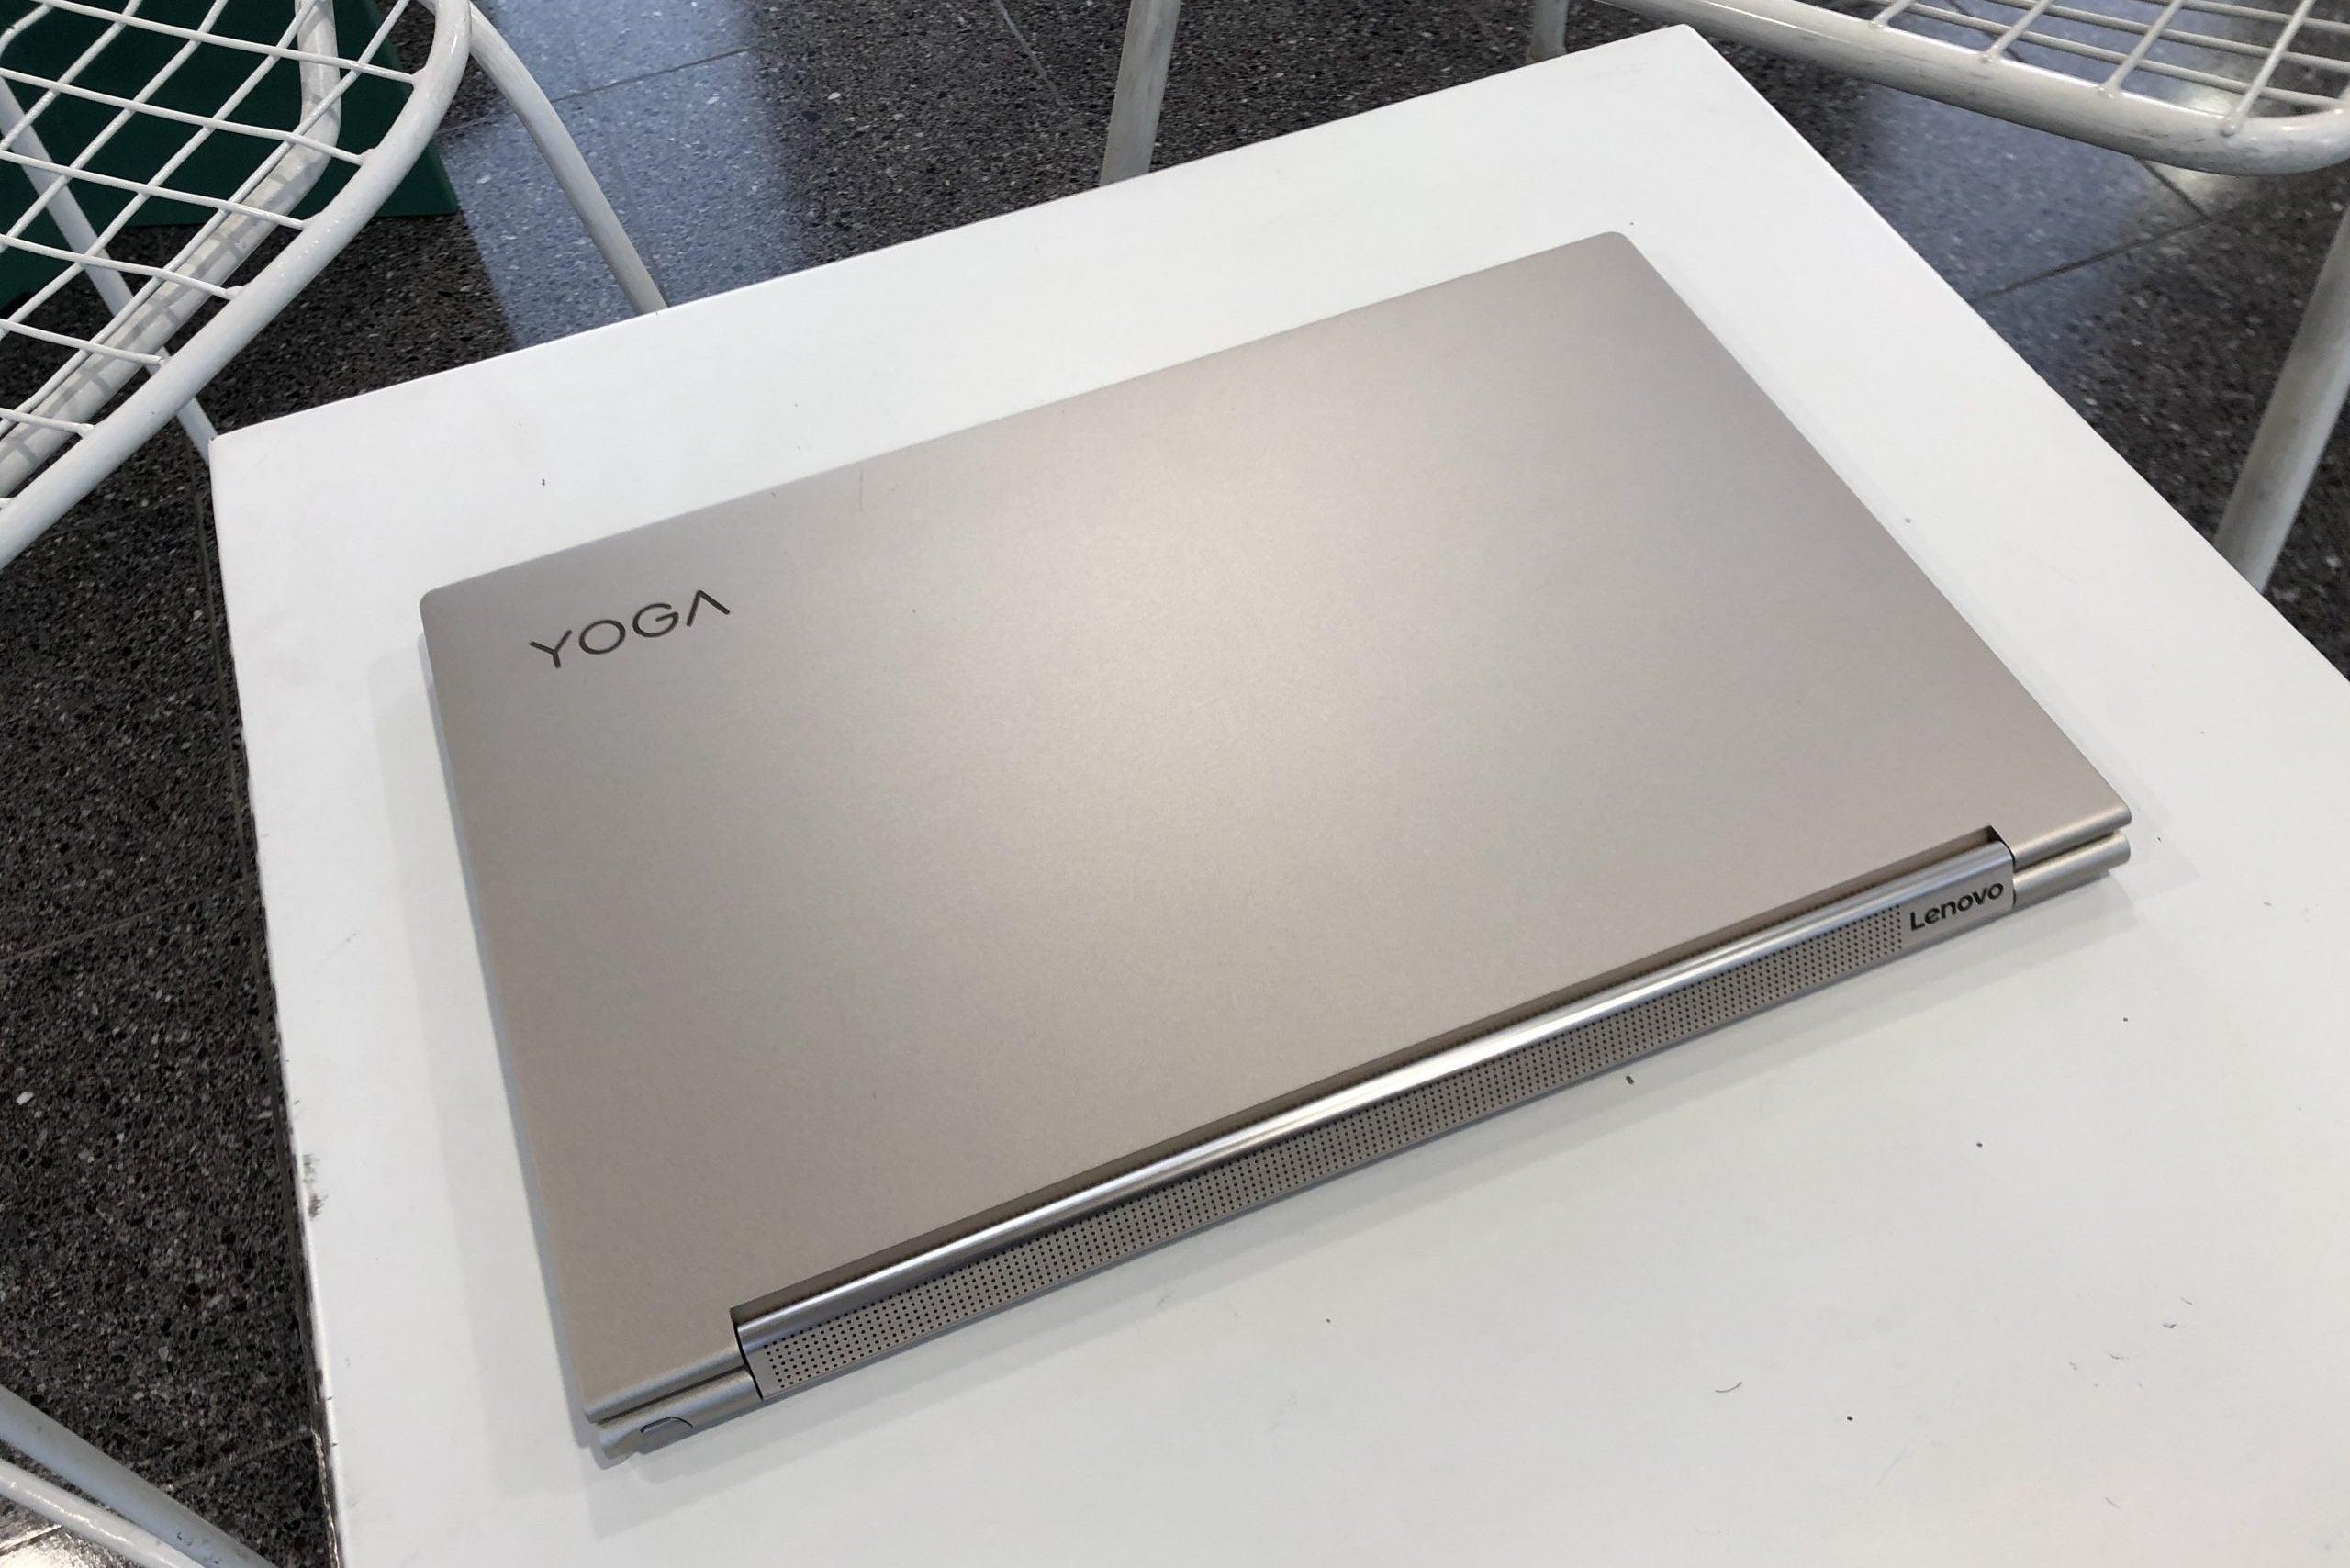 Lenovo Yoga C940 Review Trusted Reviews